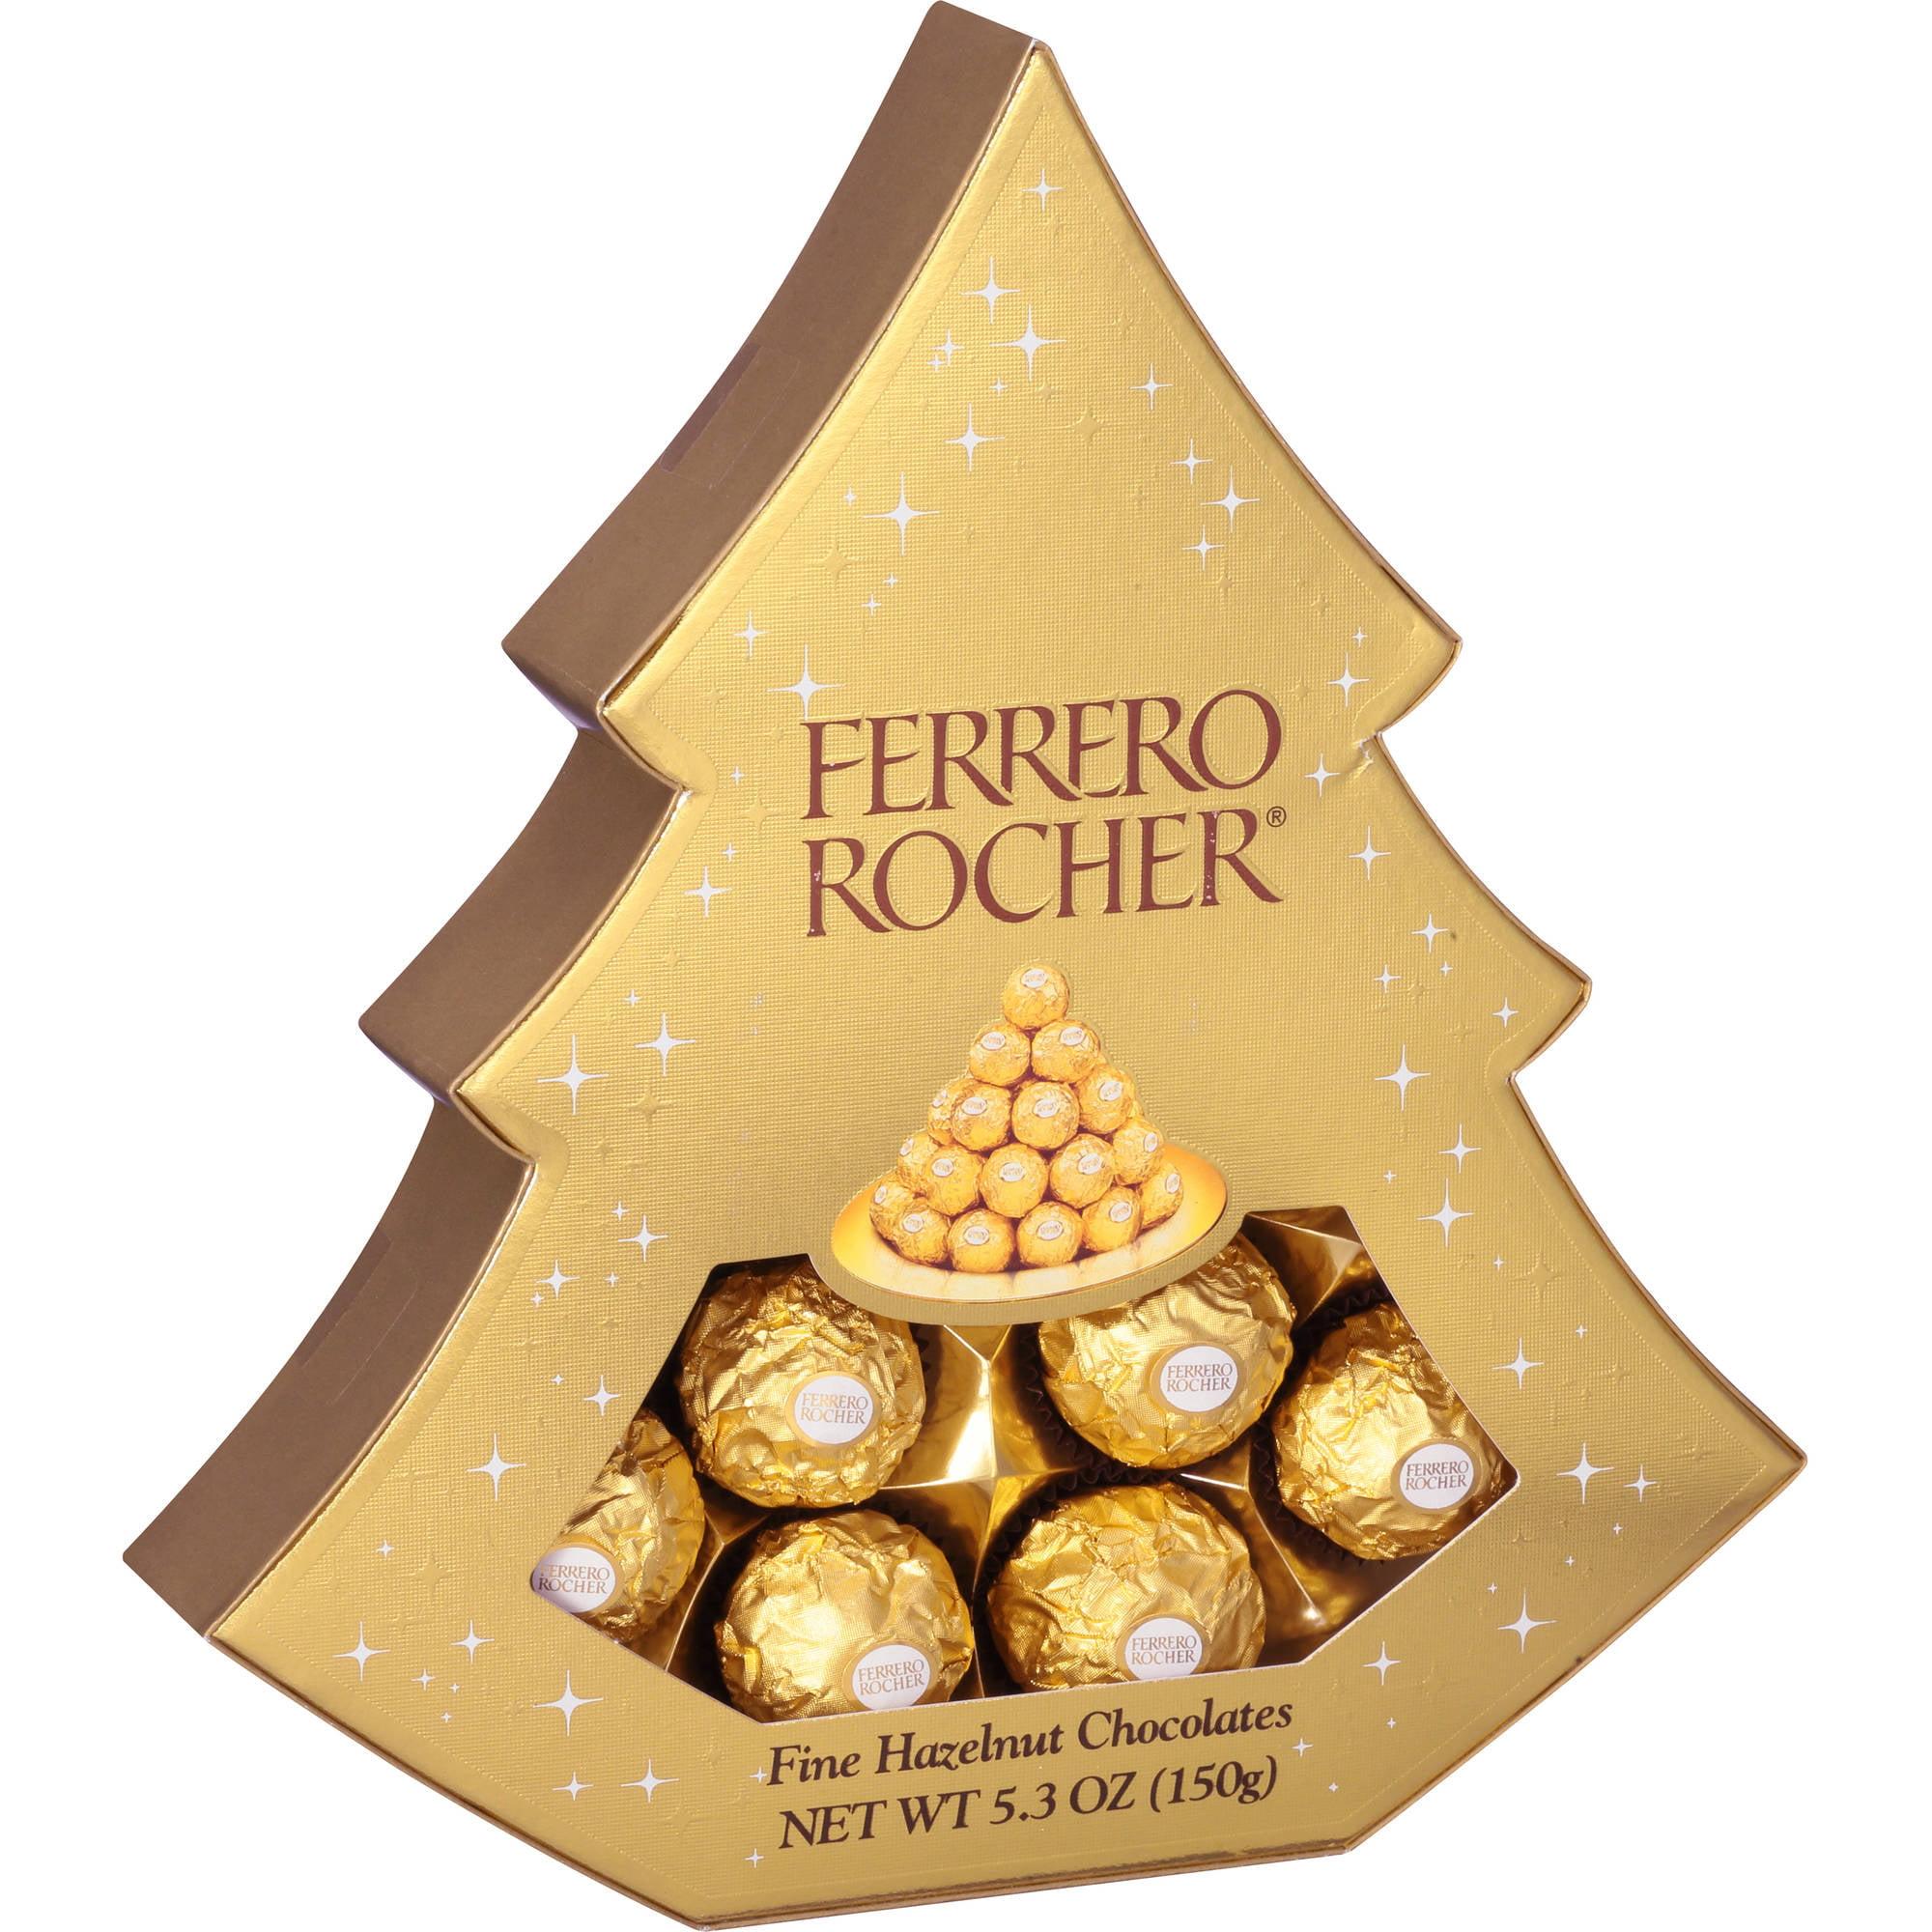 Ferrero Rocher Fine Hazelnut Chocolates, 5.3 oz